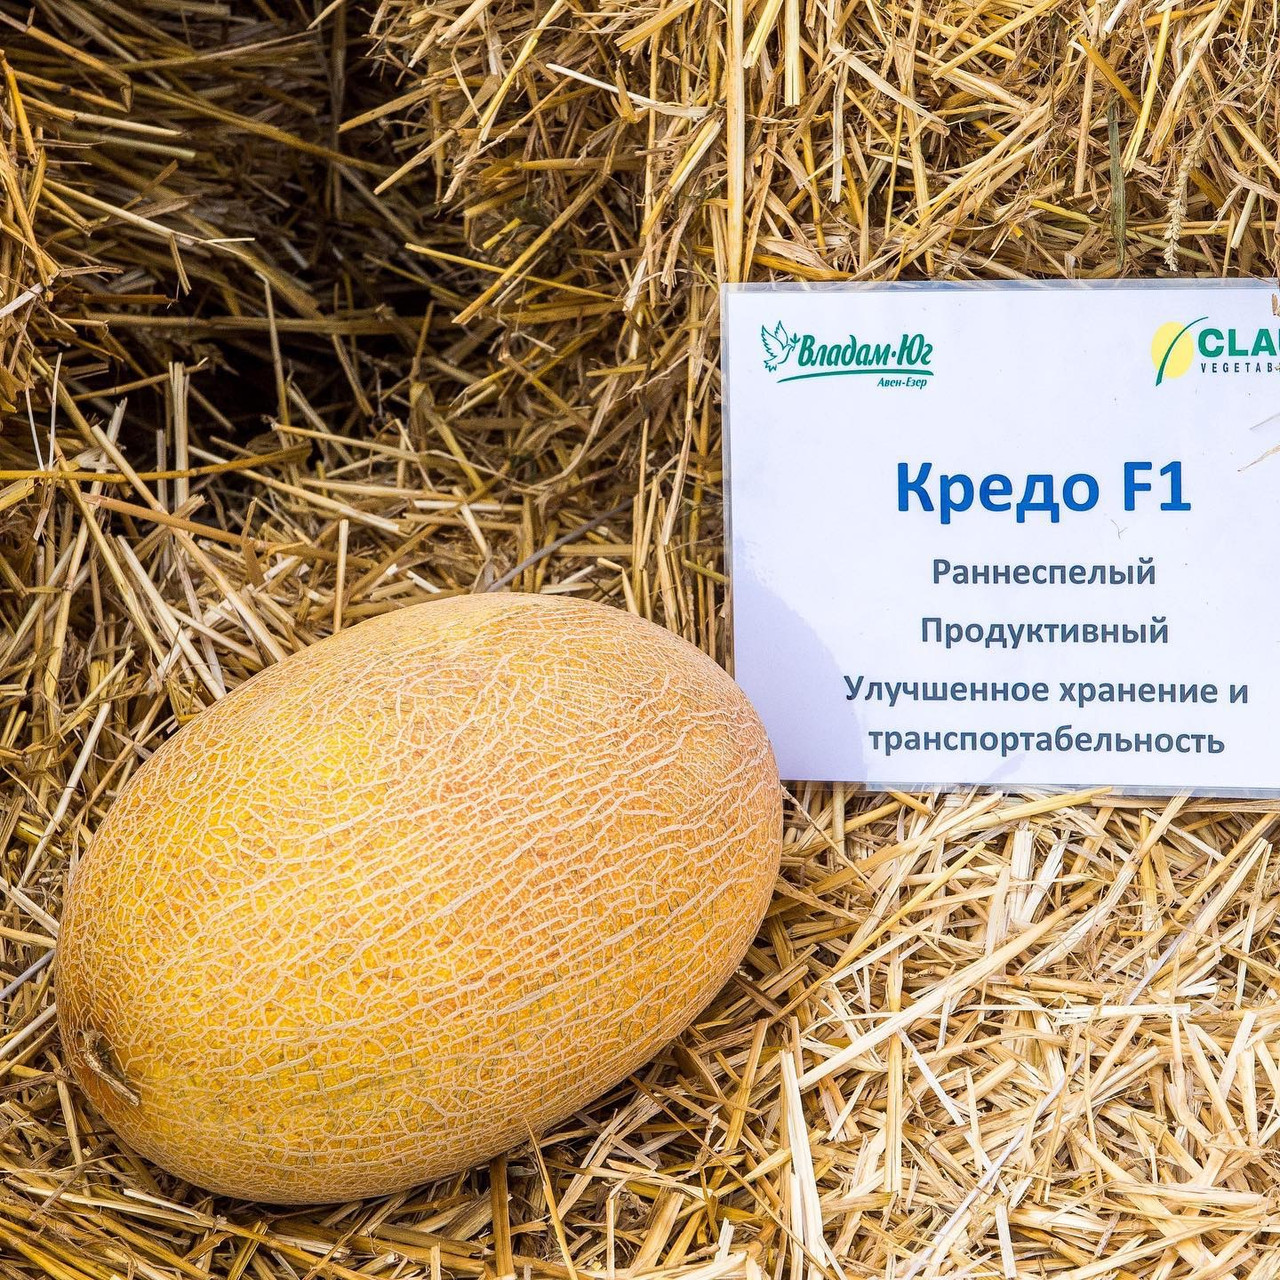 рокамболь купить семена в интернет магазине